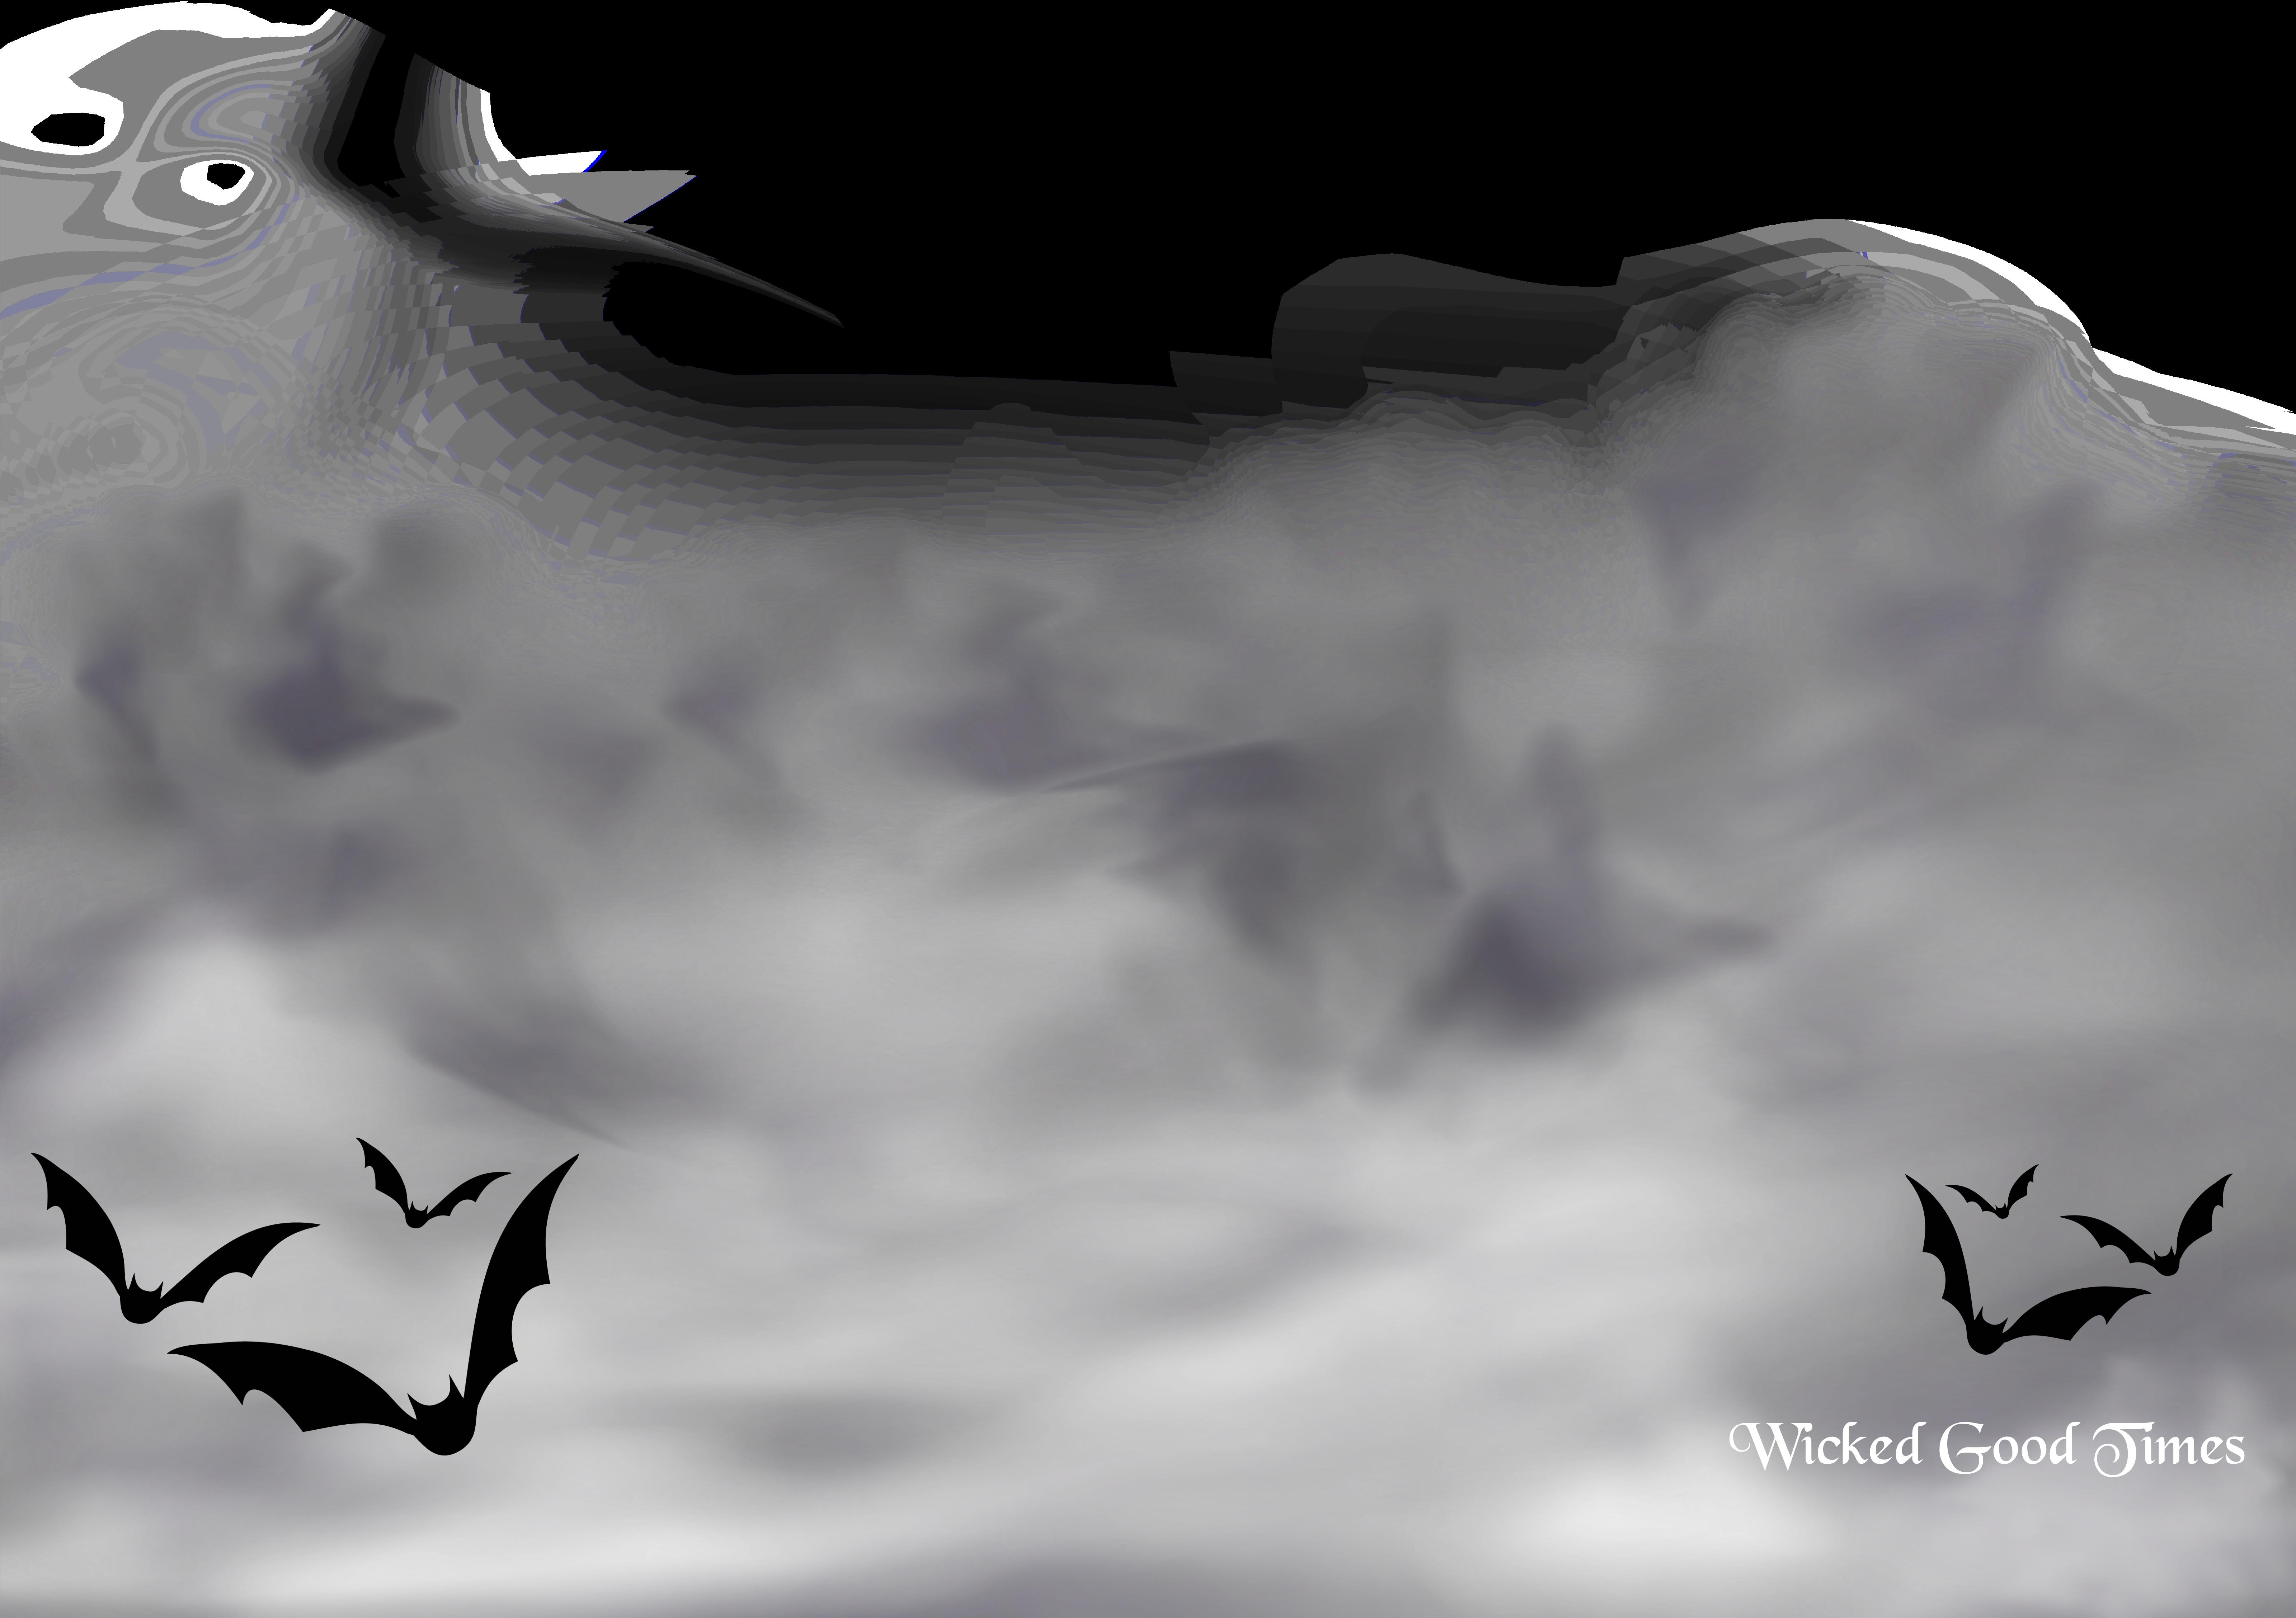 wicked-10k